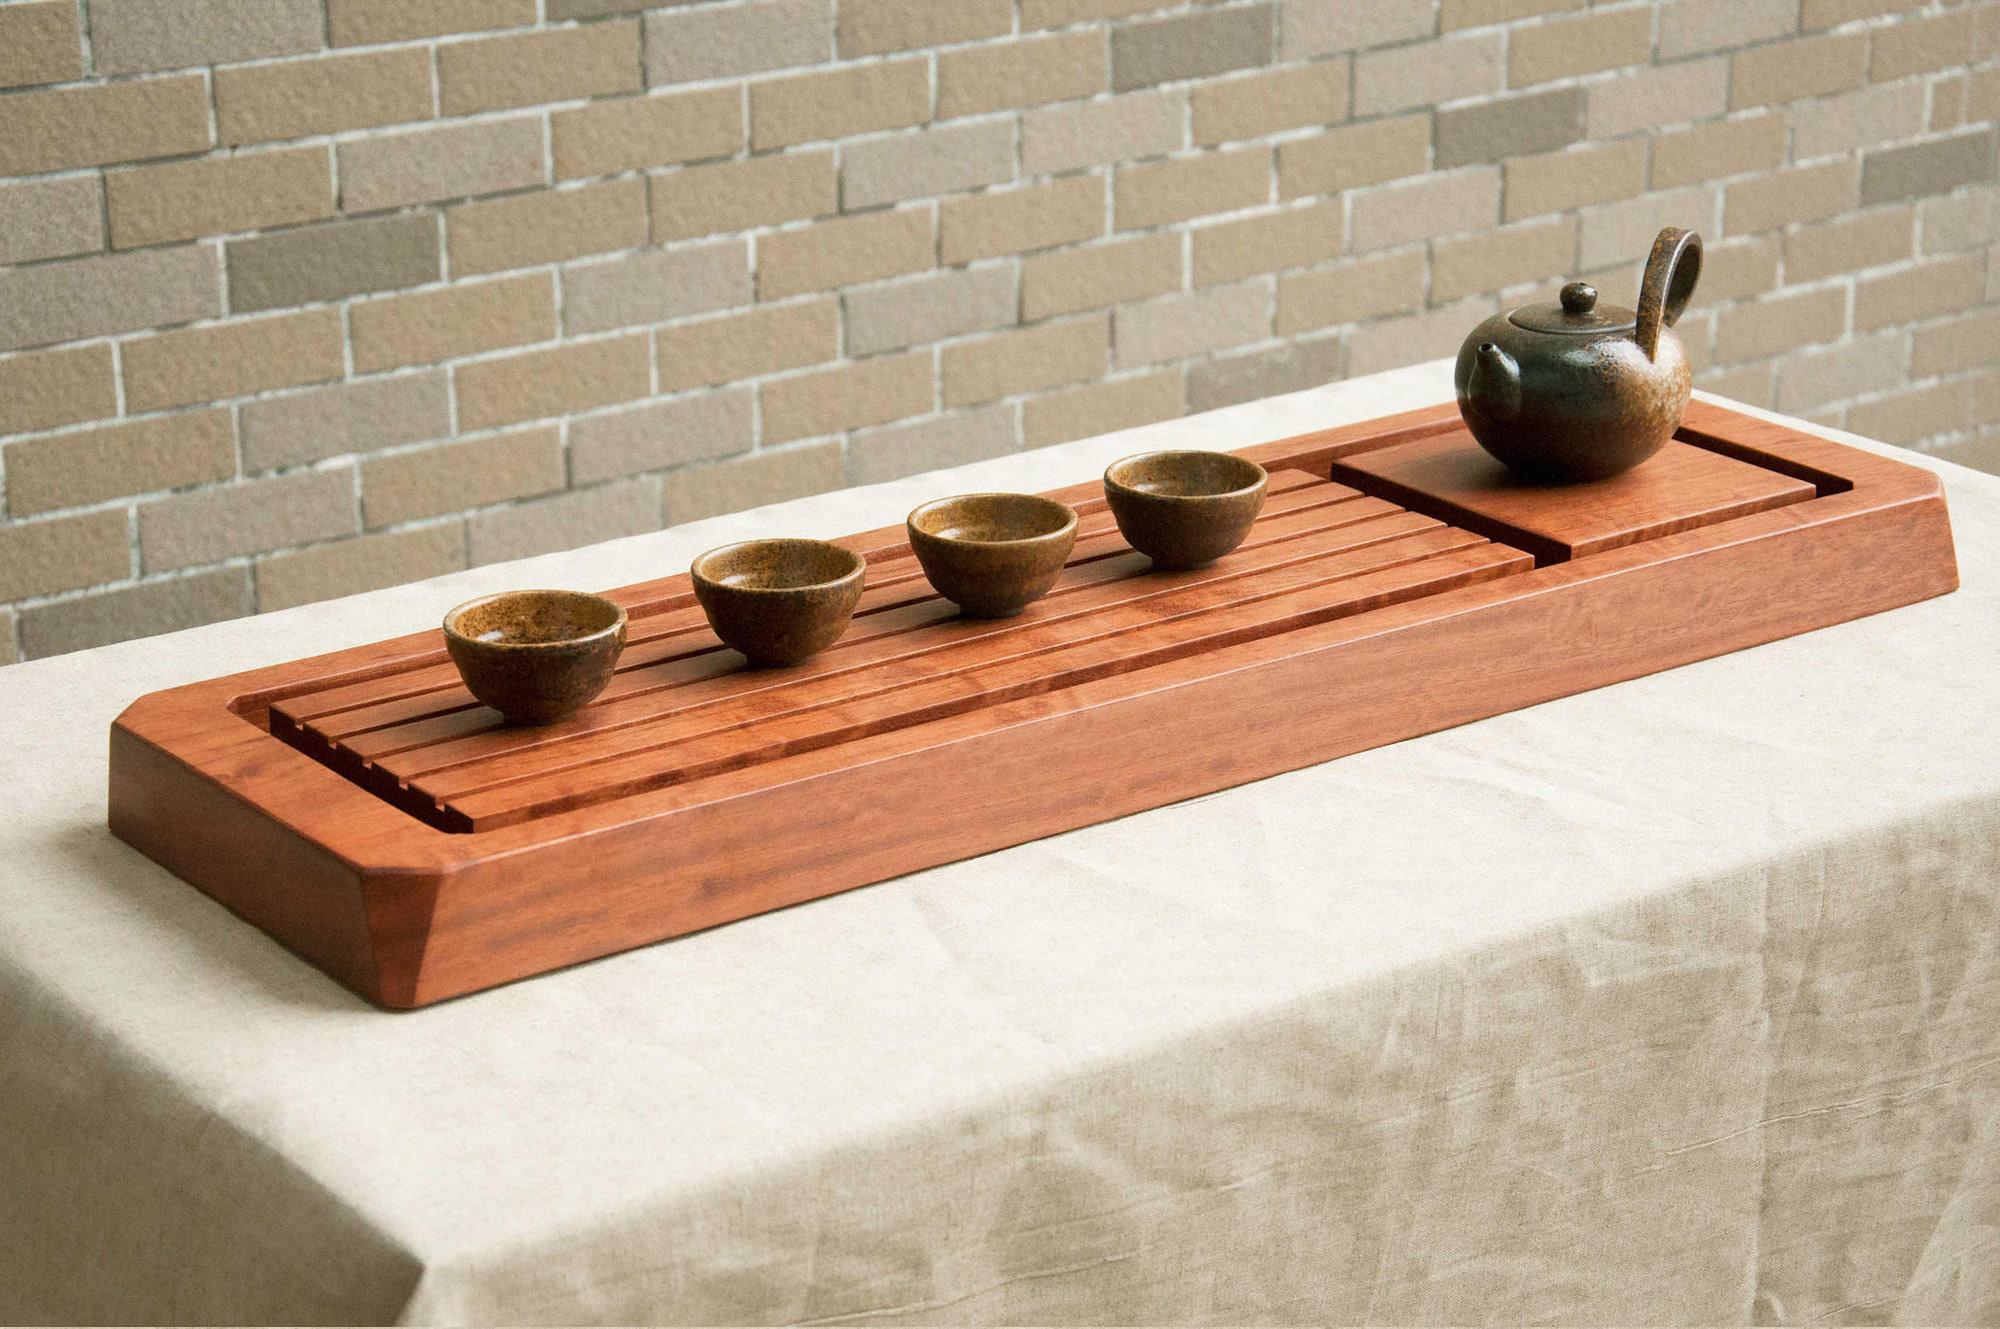 SHAN SHUI Teaware 8